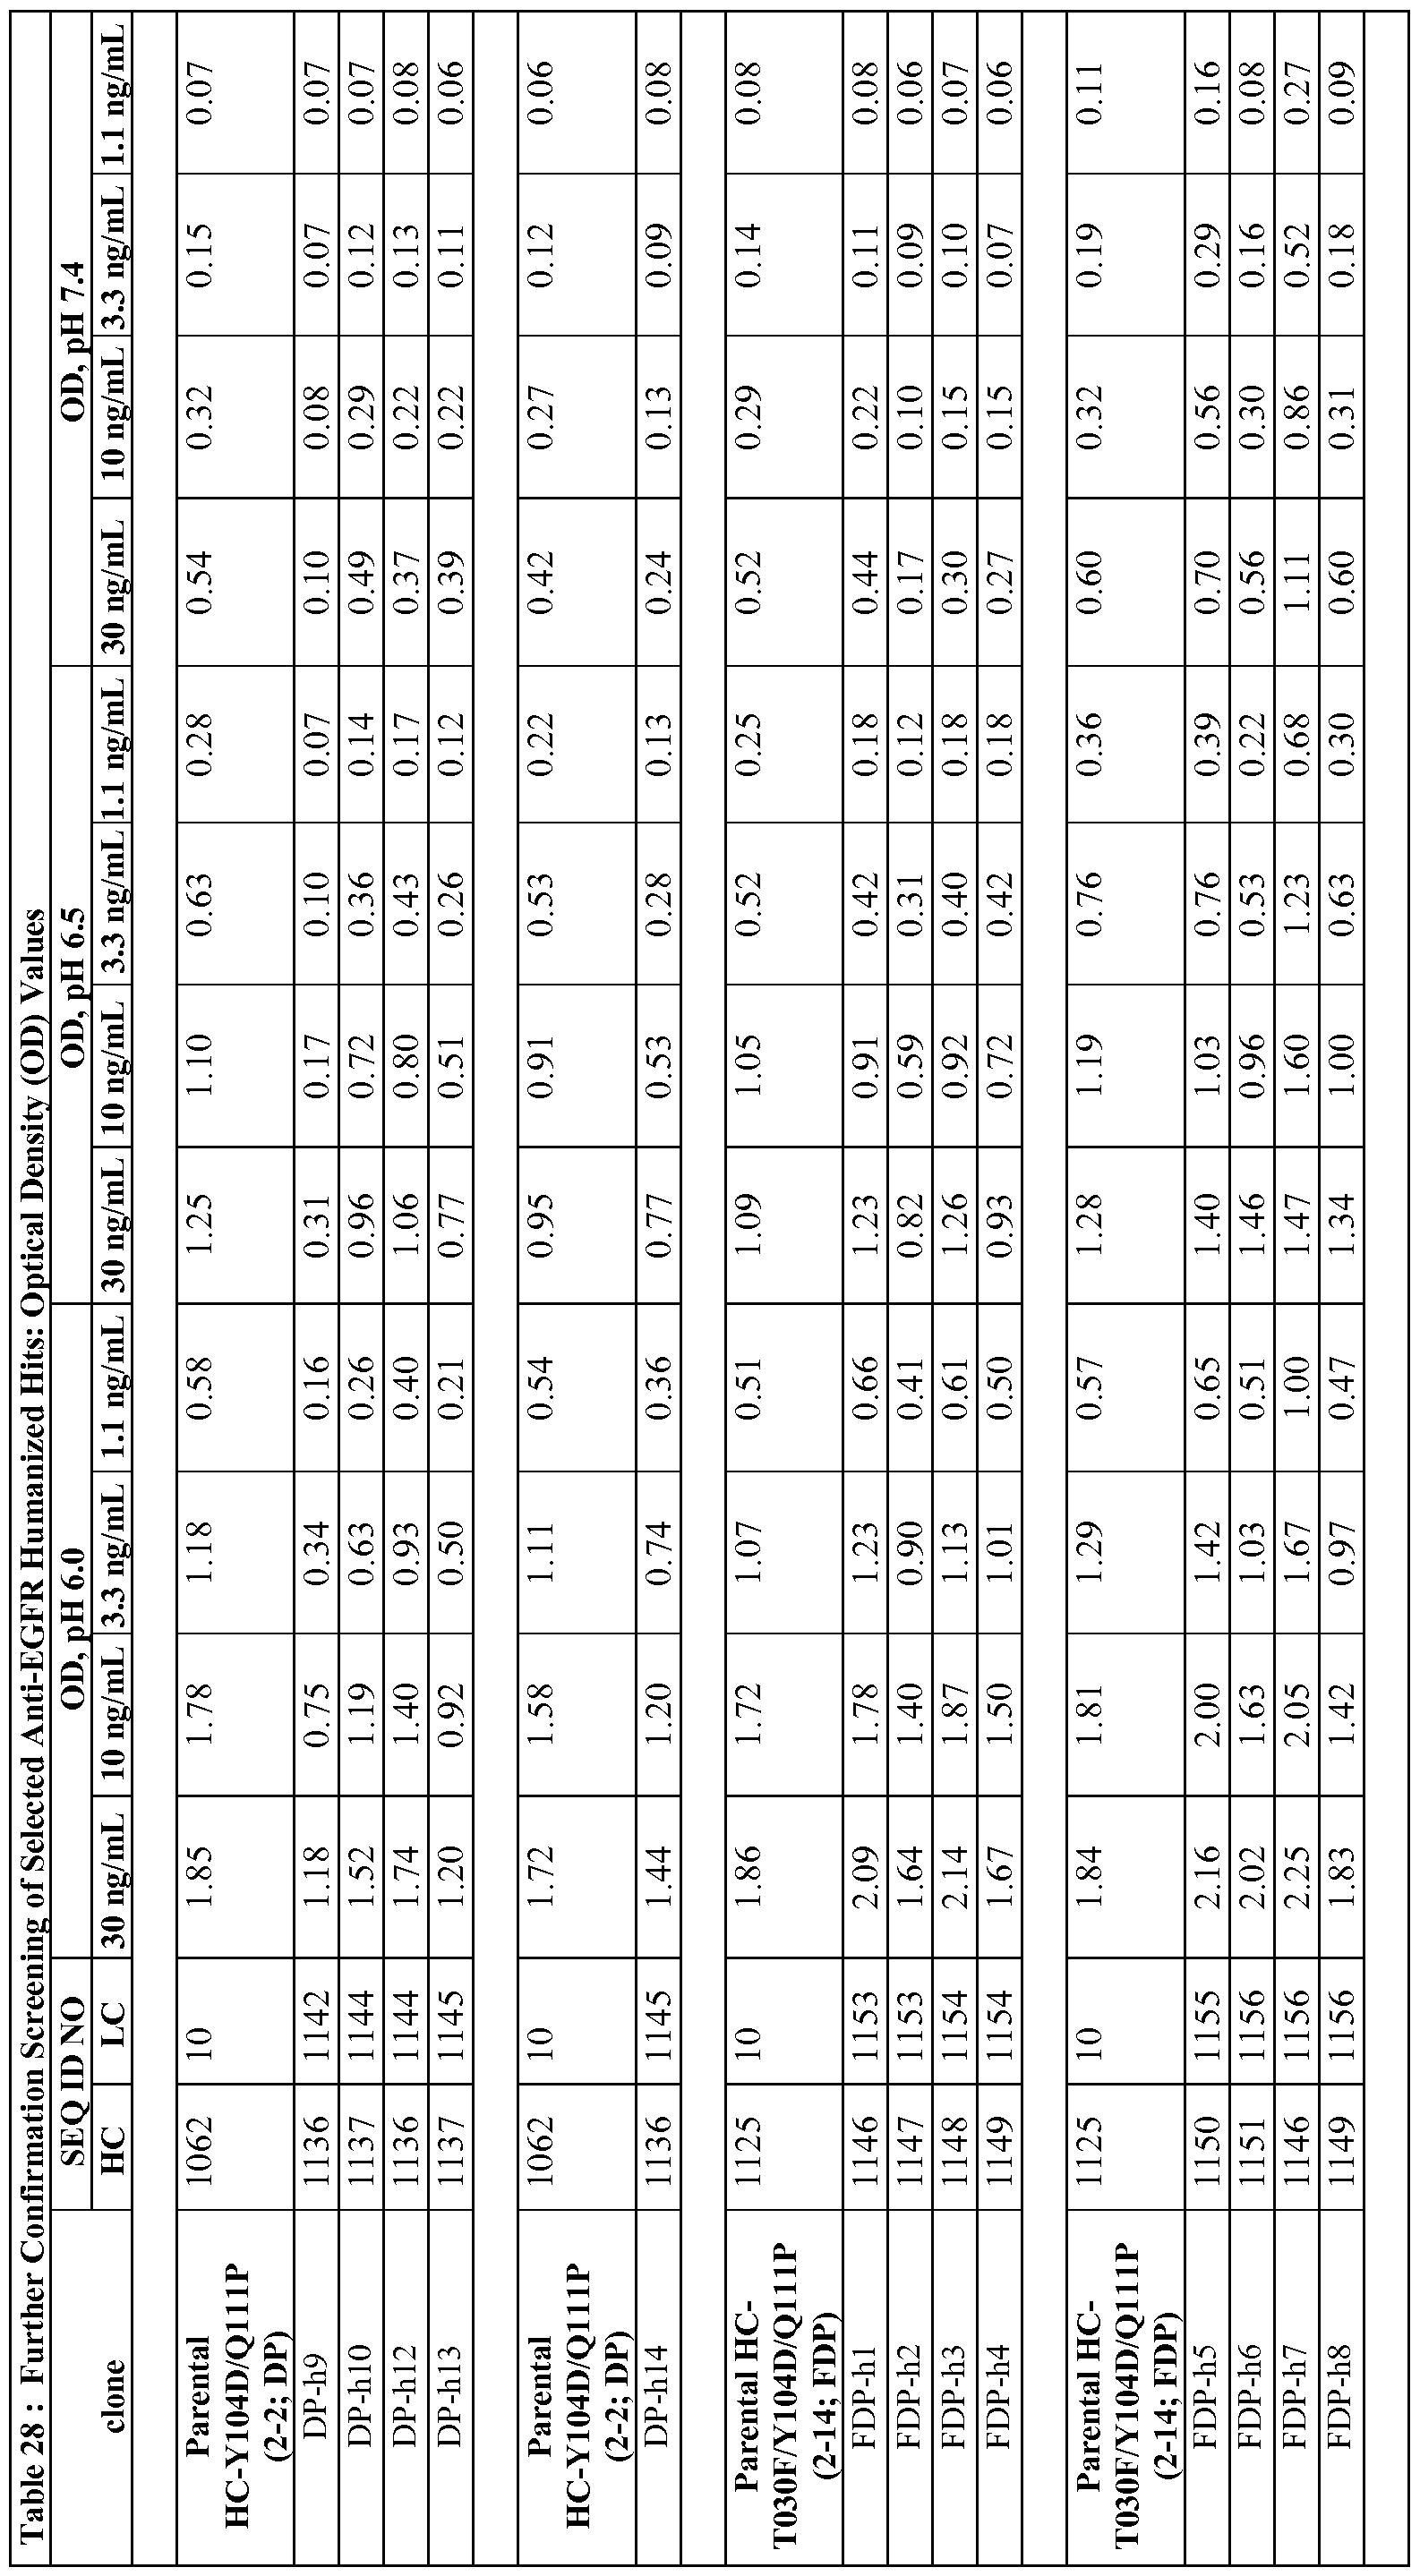 Figure imgf000358_0001